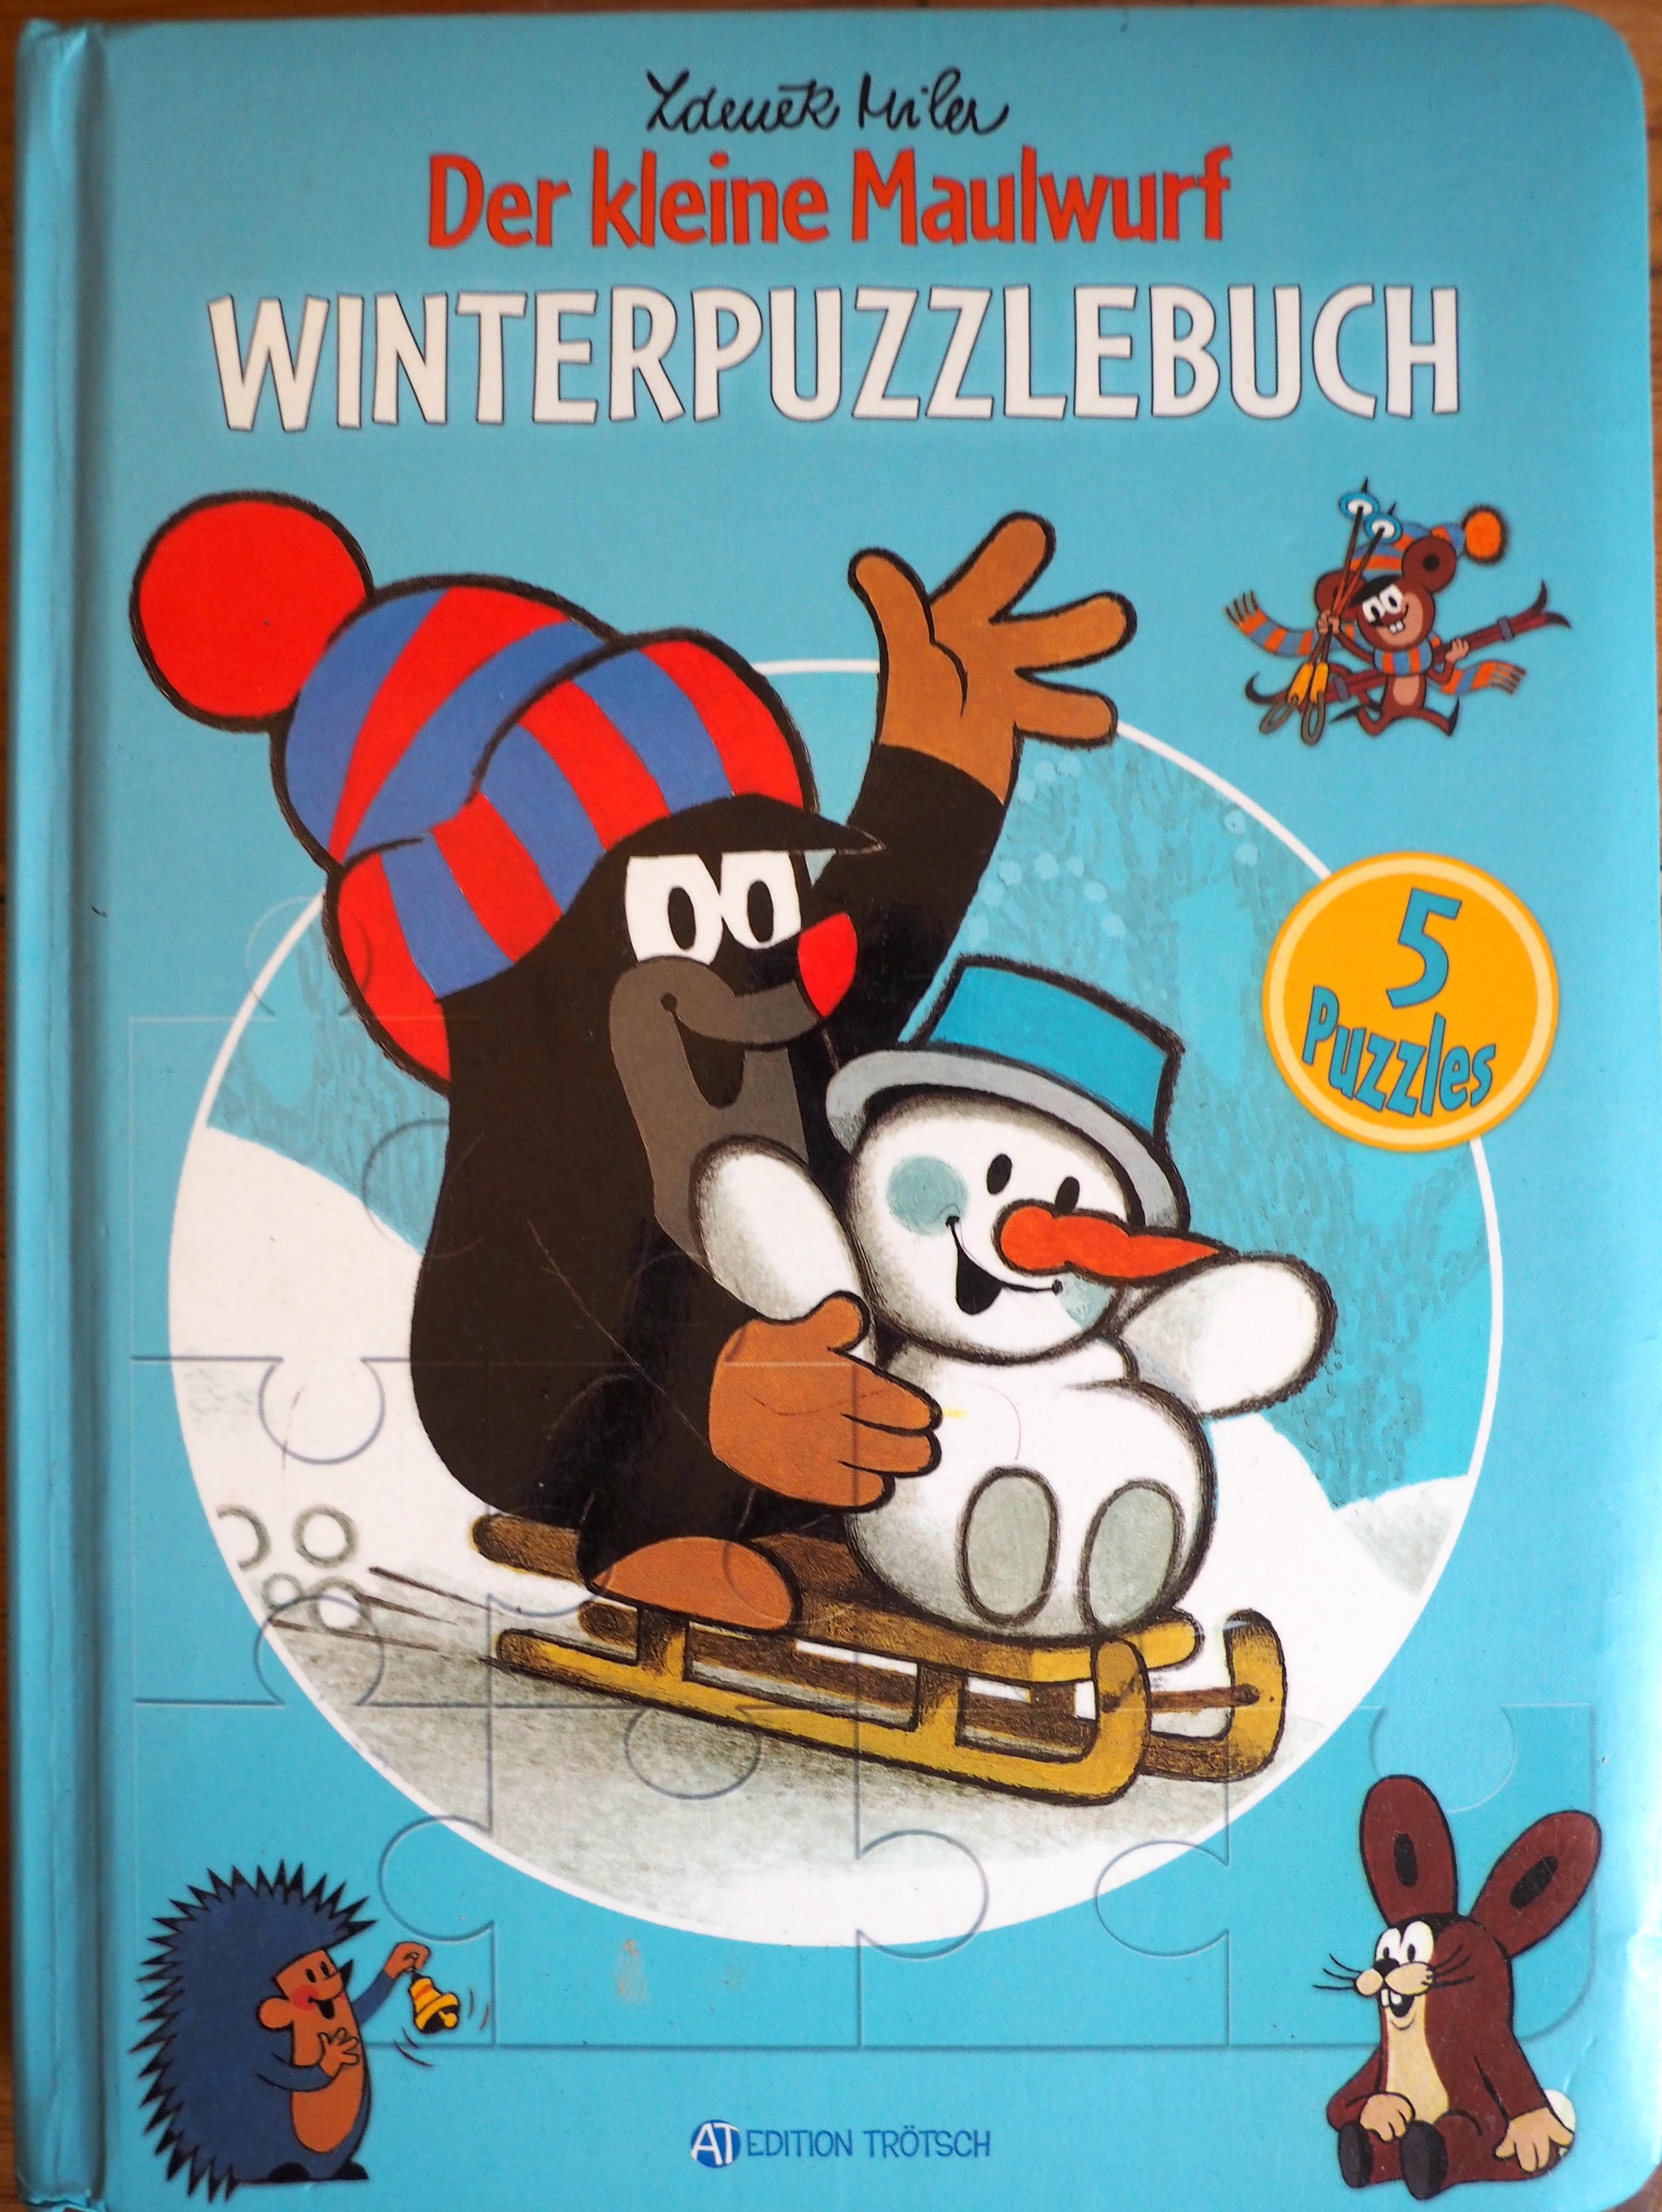 Puzzlebuch tauschen